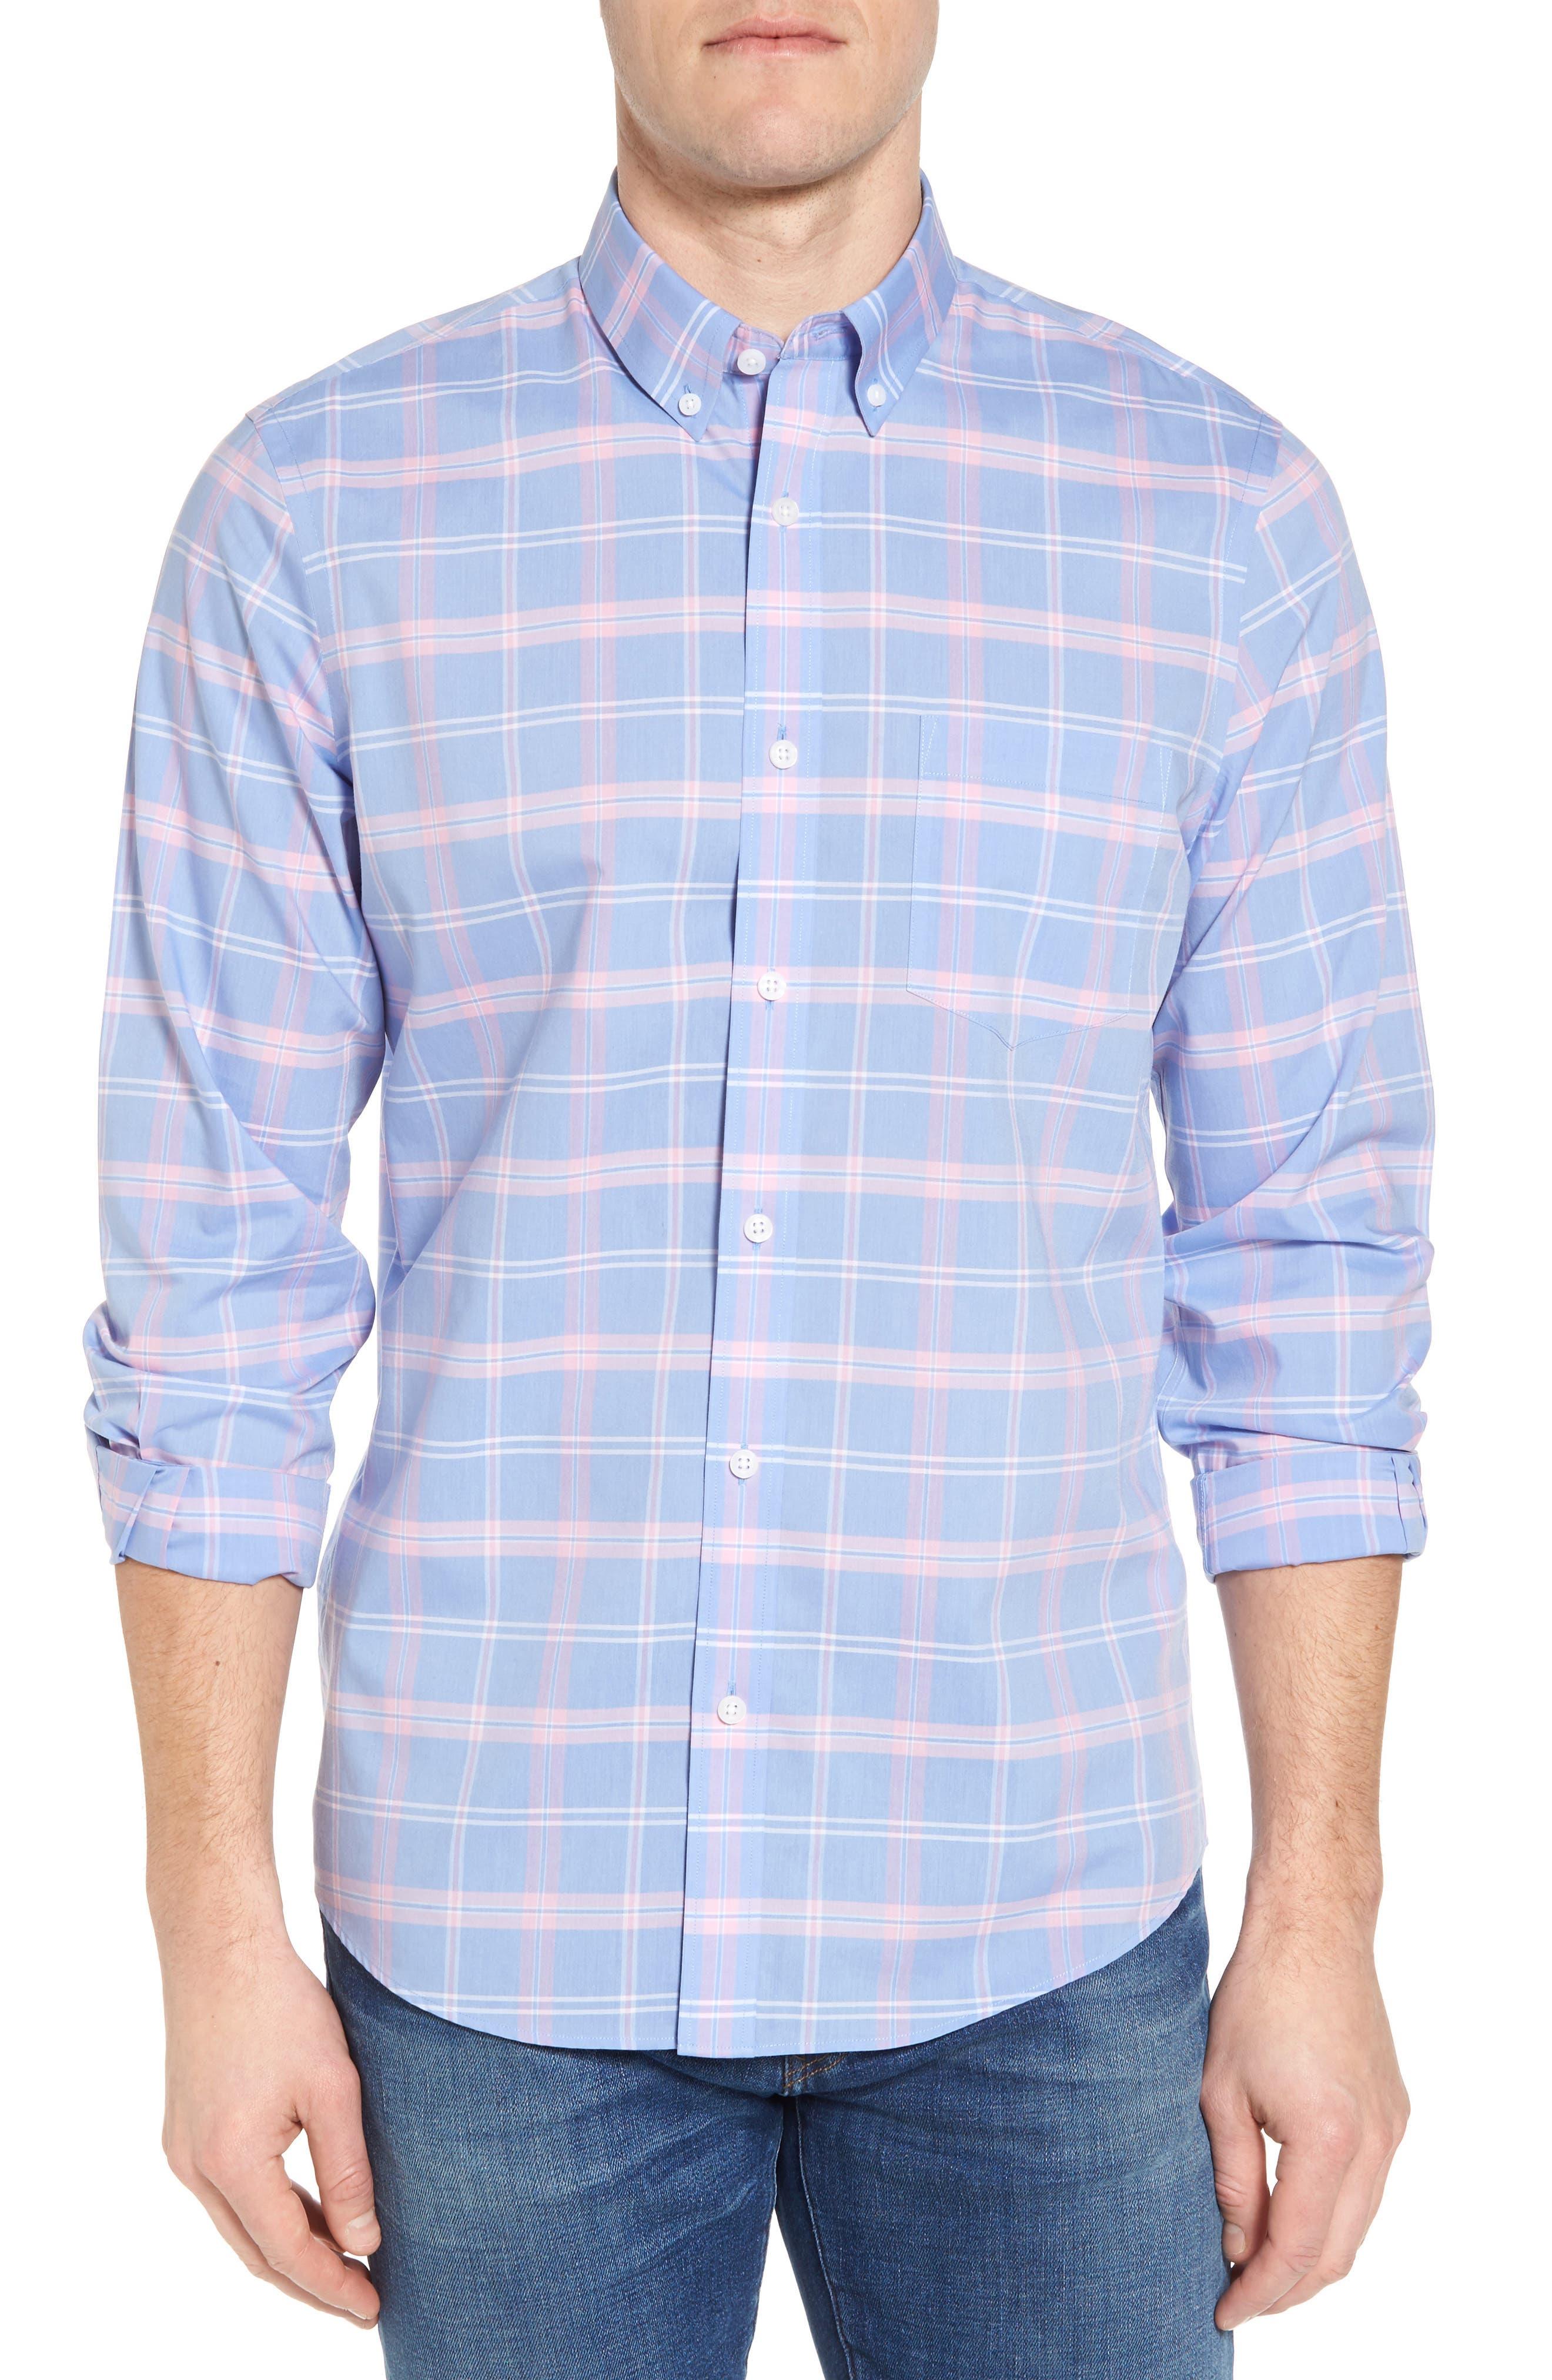 Smartcare<sup>™</sup> Regular Fit Plaid Sport Shirt,                             Main thumbnail 1, color,                             420